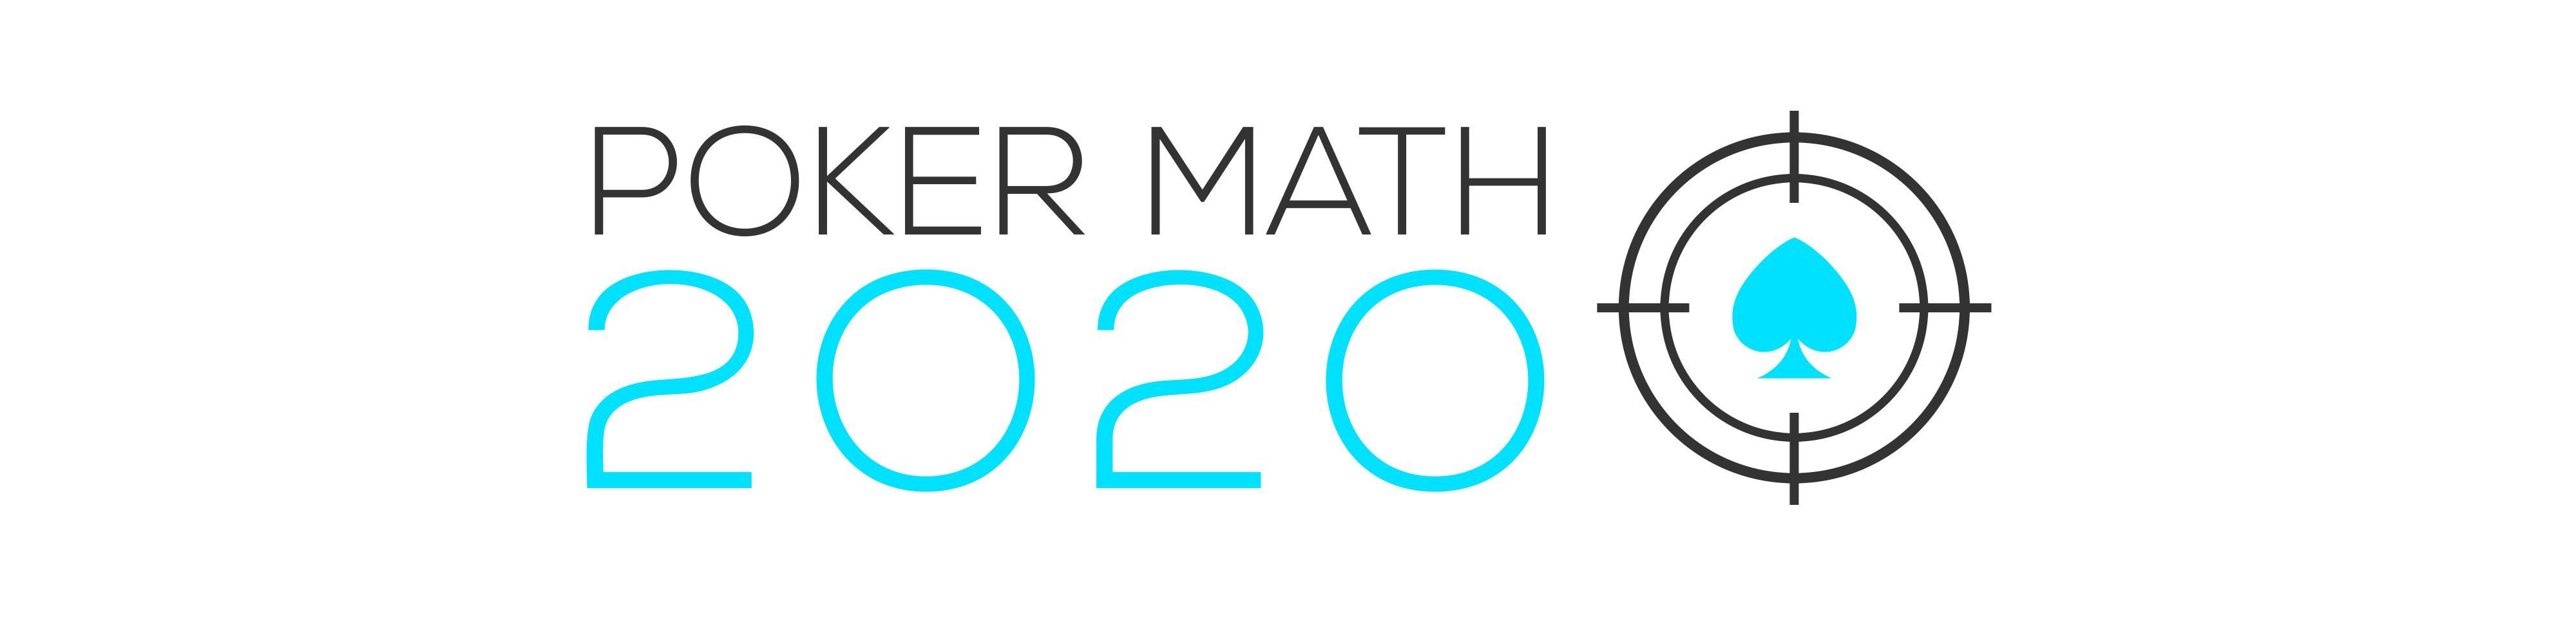 Poker Math 2020 - Pre-flop Principles